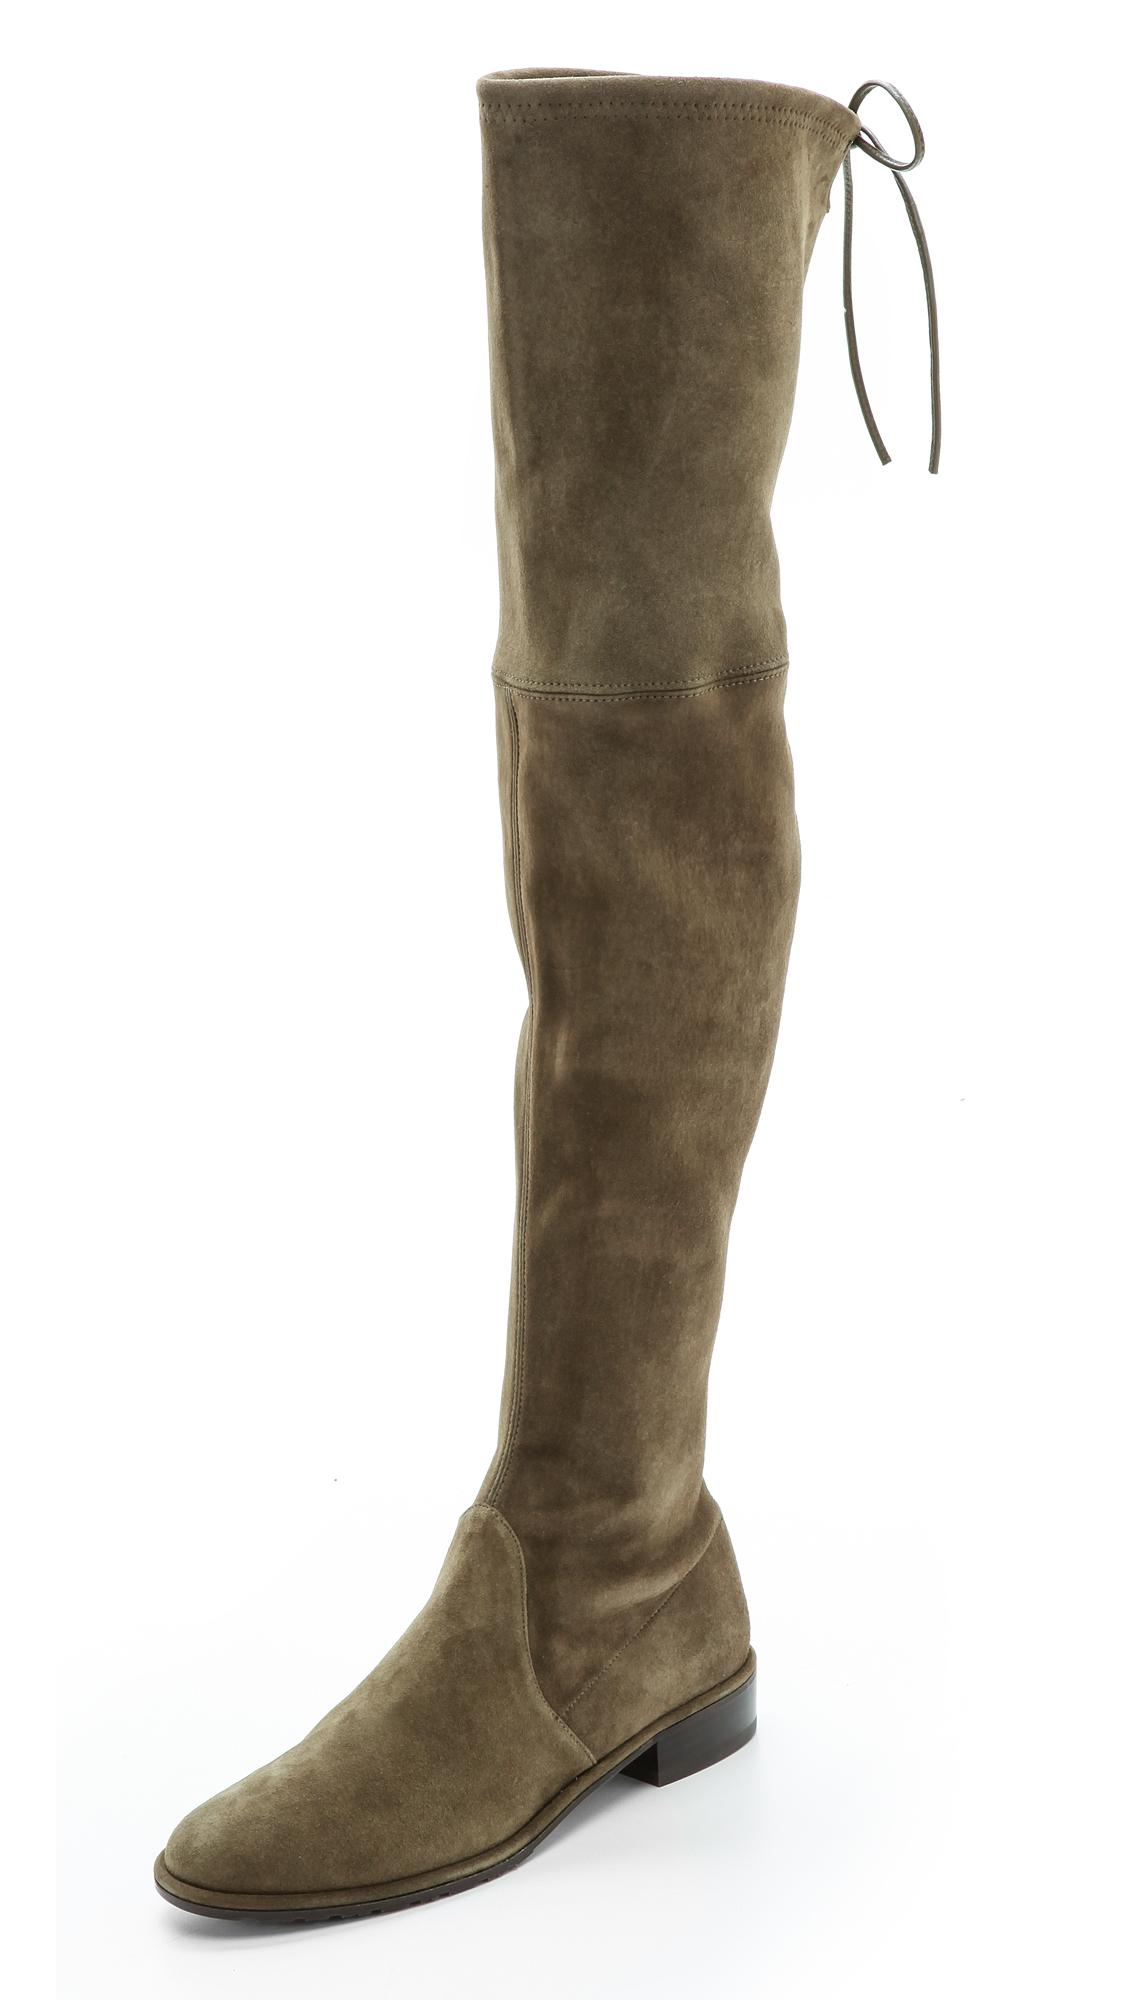 Stuart Weitzman Lowland Thigh High Flat Boots | SHOPBOP